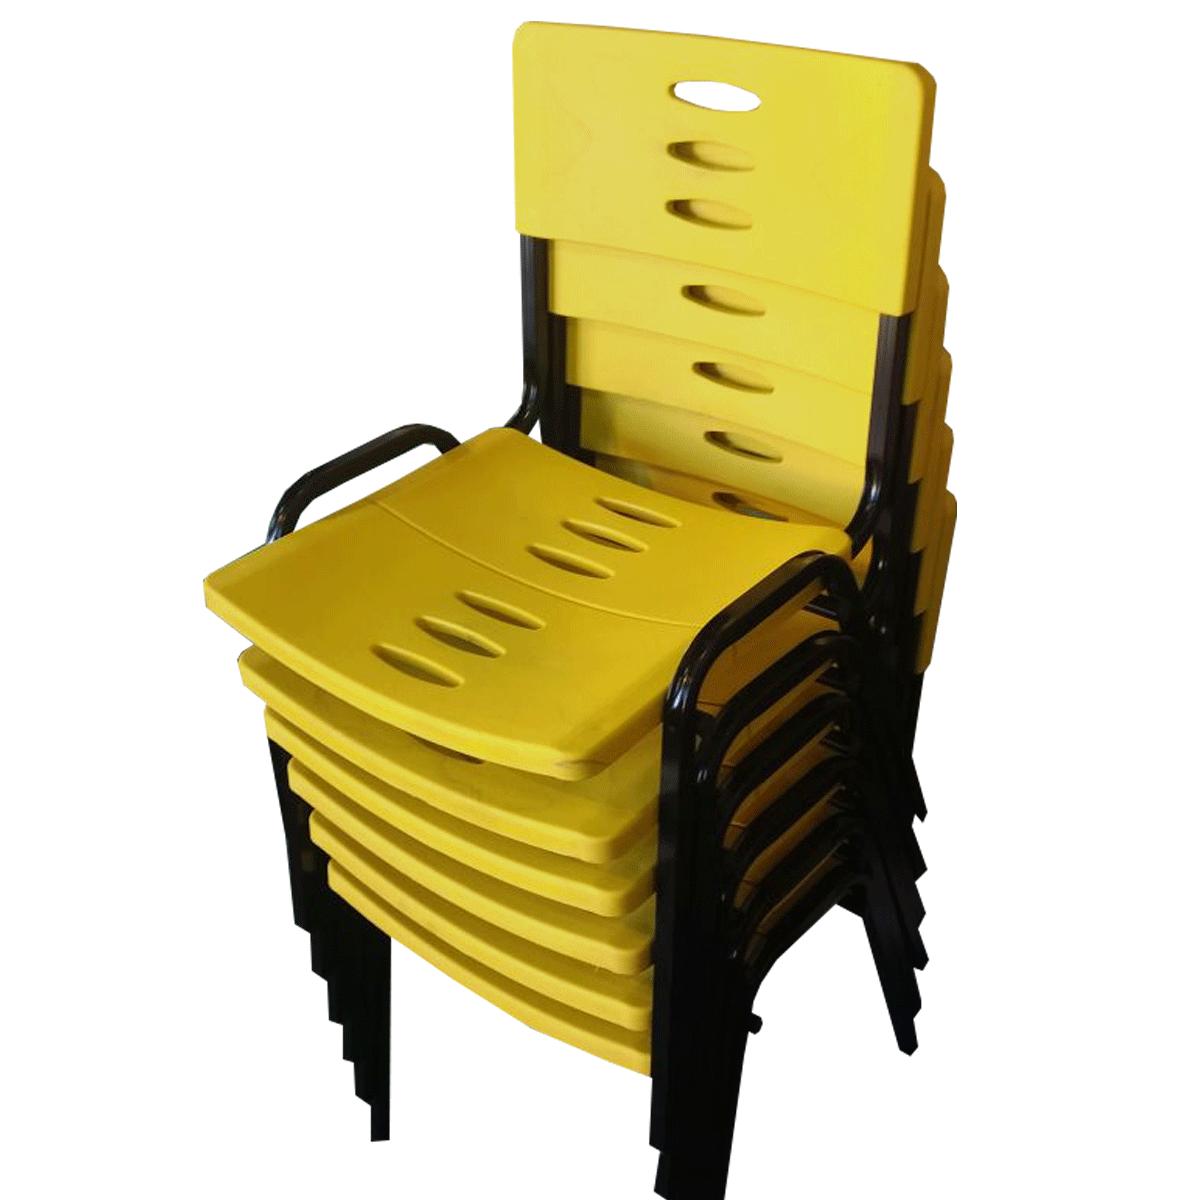 Cadeira Plástica Fixa Empilhável Preto com Amarelo